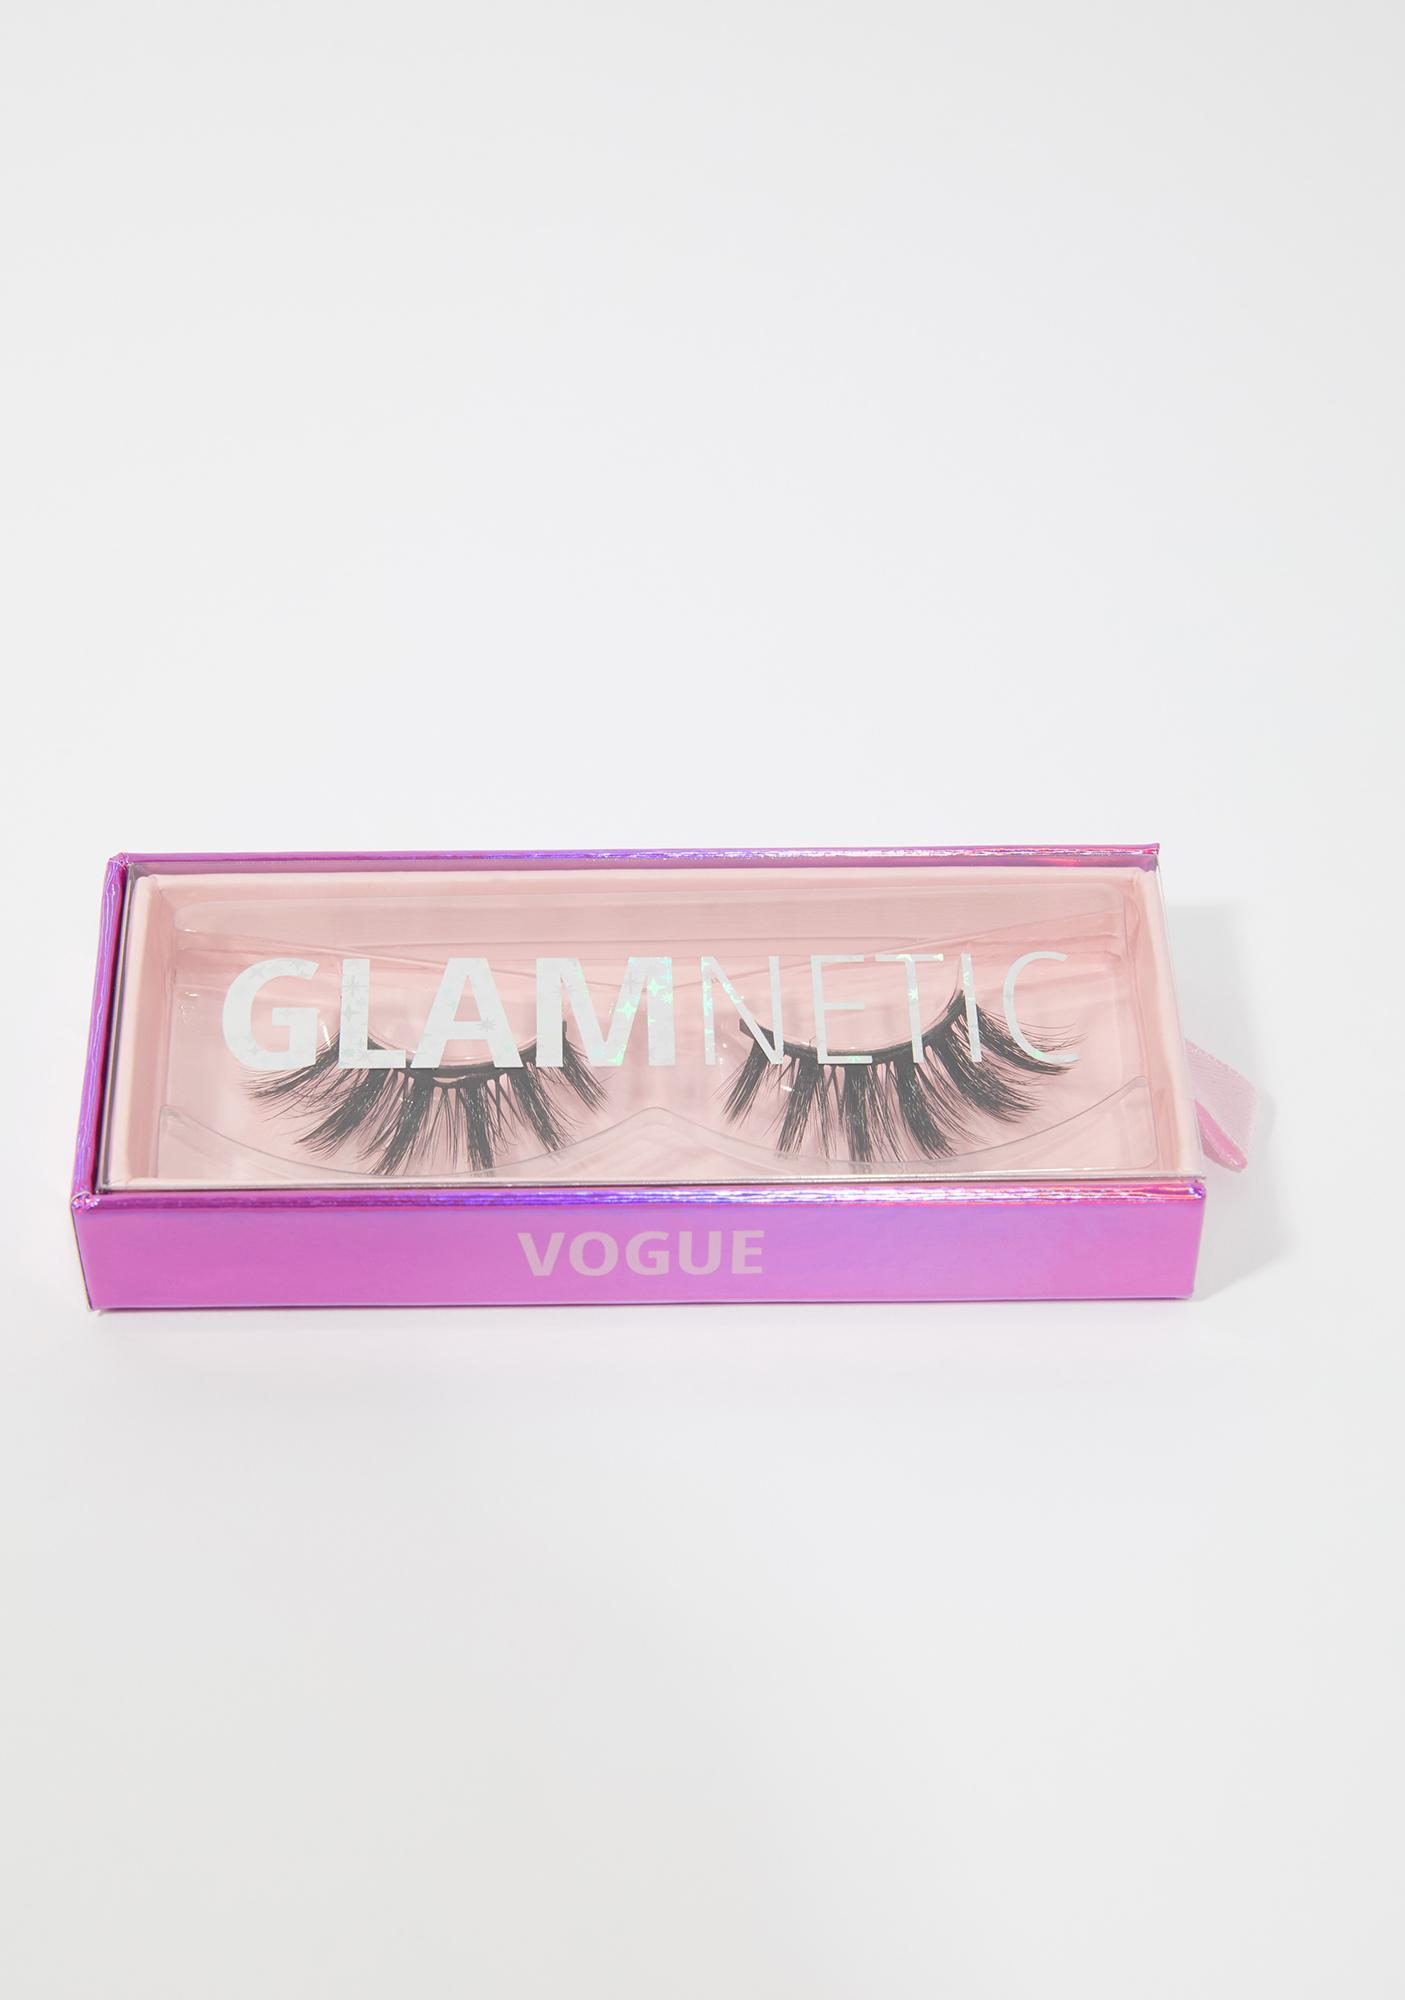 Glamnetic Vogue Magnetic Eyelashes